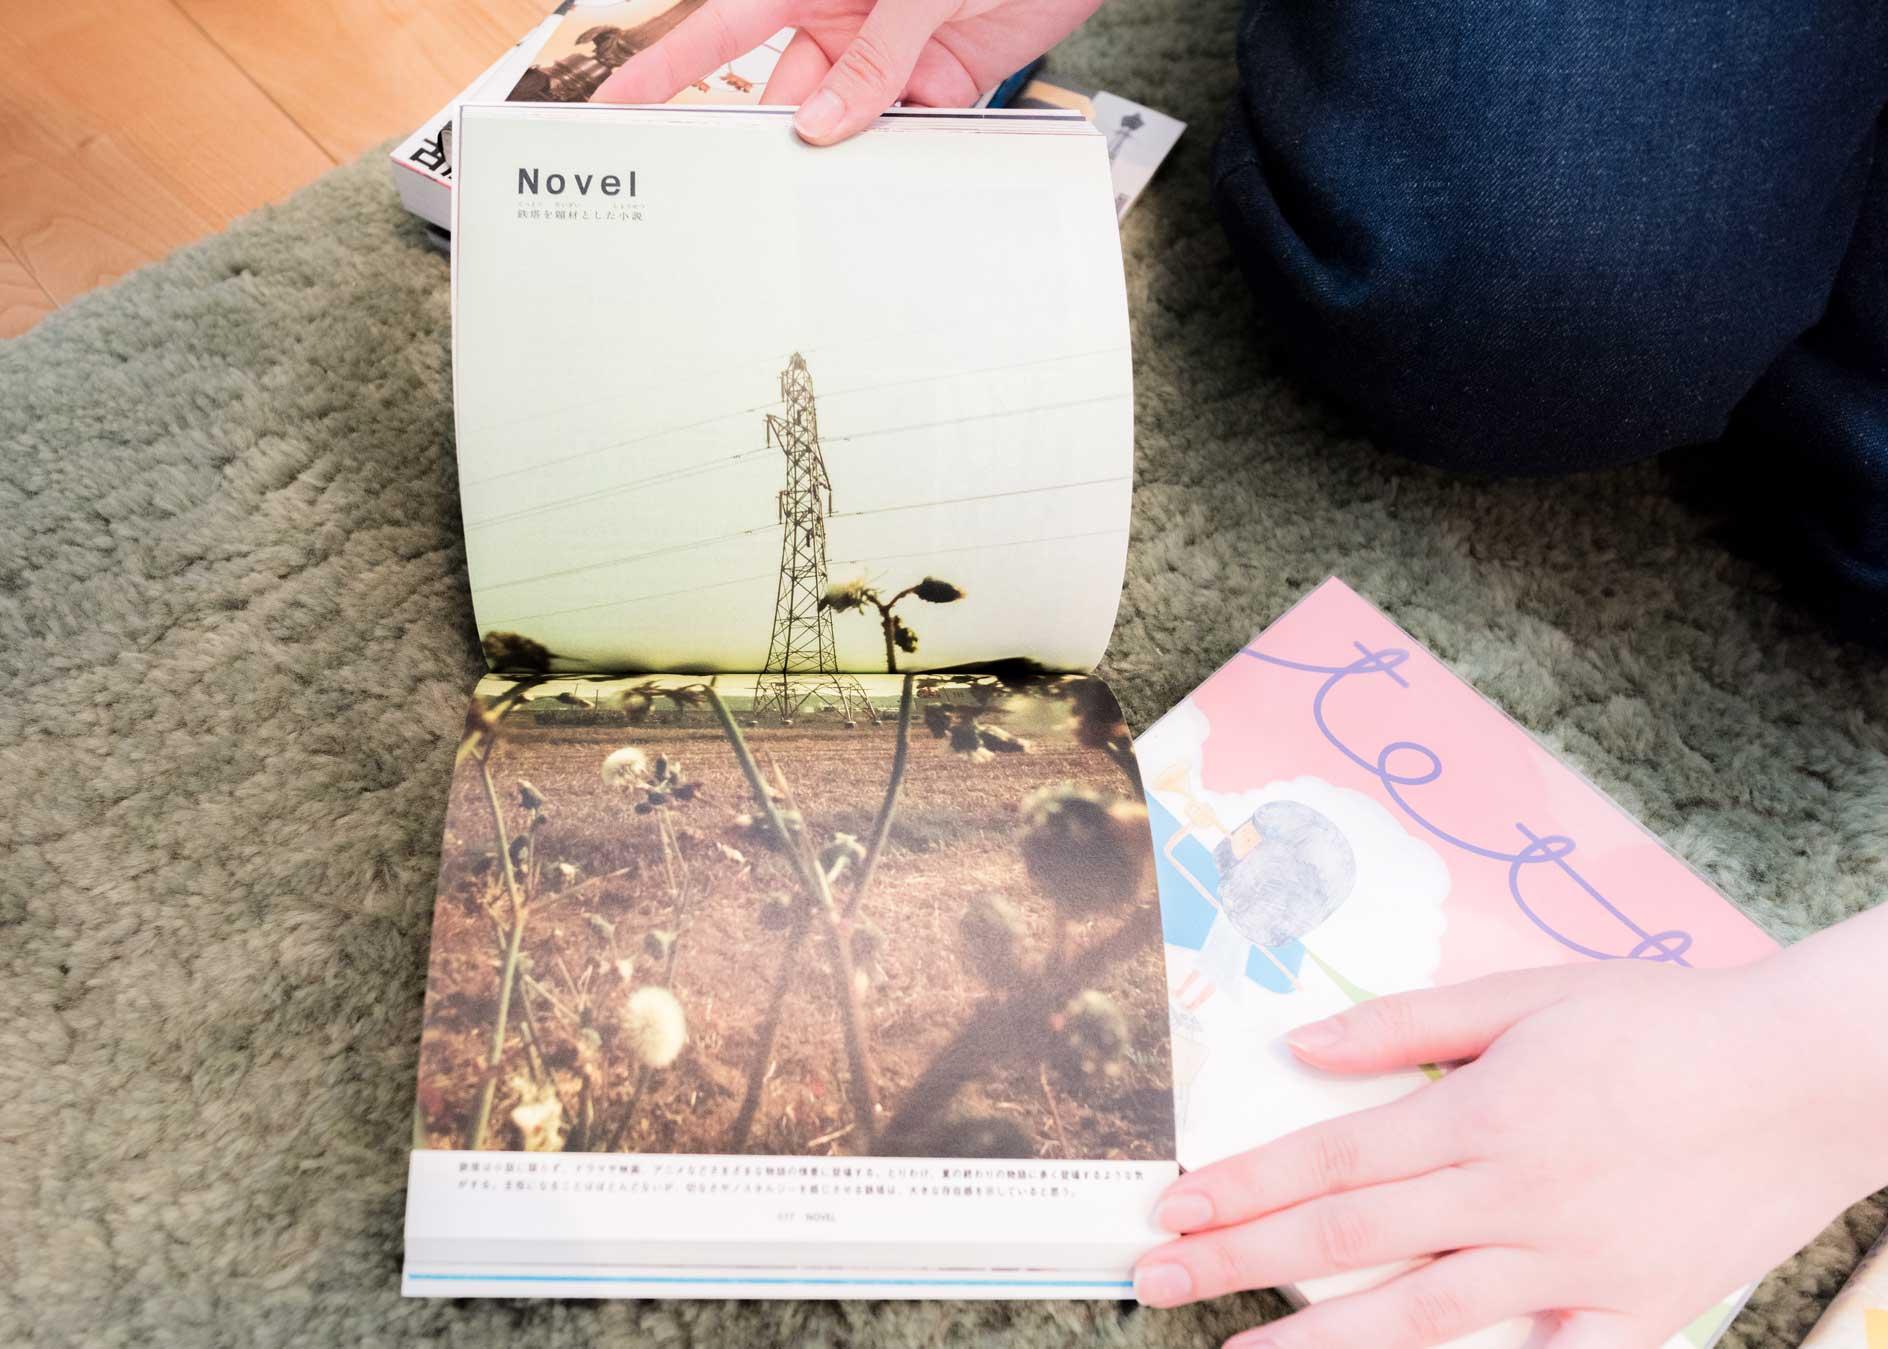 メーカーの資料なども興味深いですが、とくに惹かれたのがこちら。加賀谷さんが学生時に制作したという鉄塔の本。